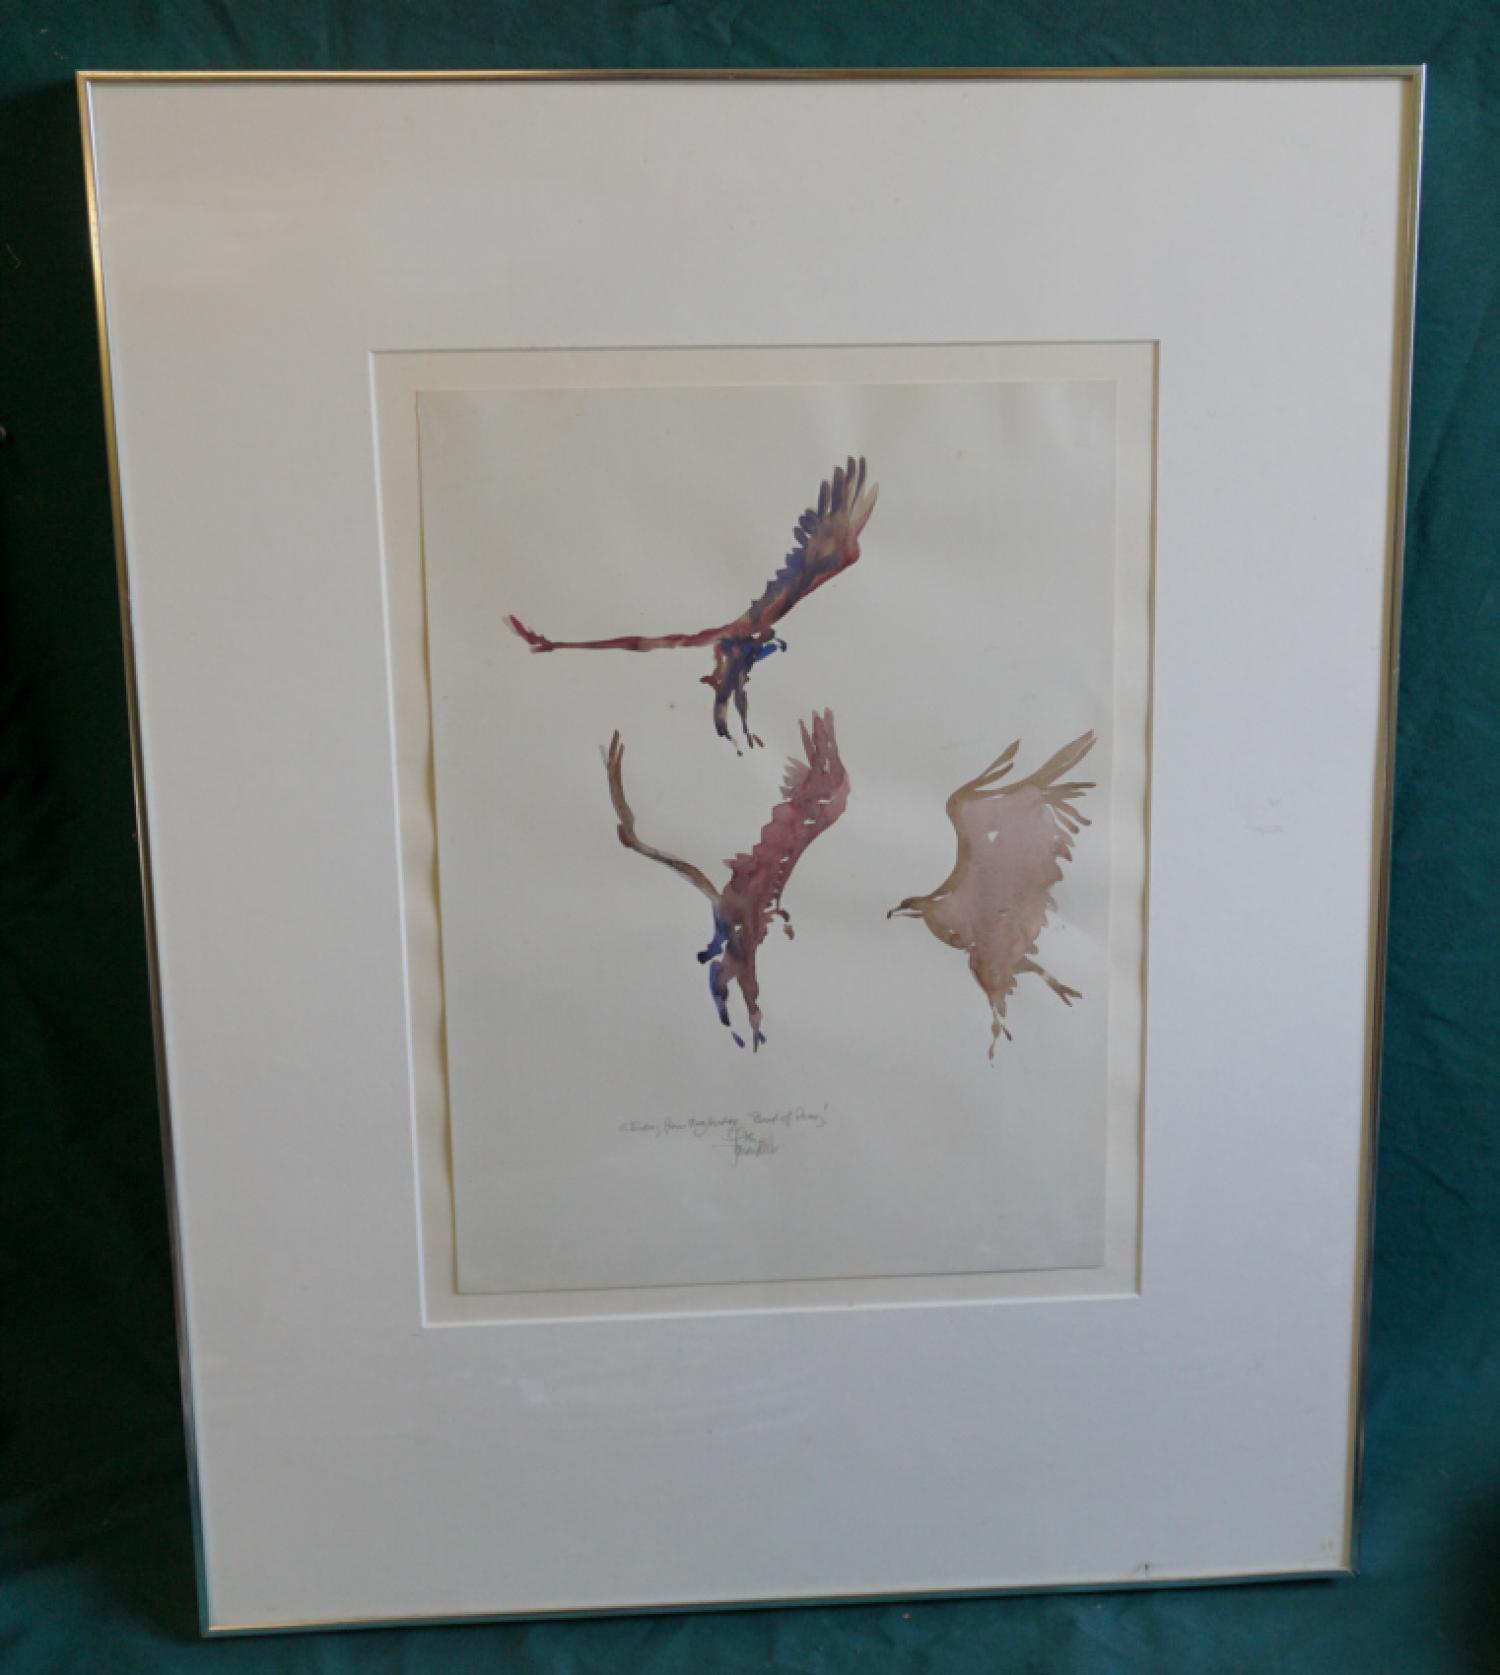 John W Mills signed Birds of prey watercolor c1976